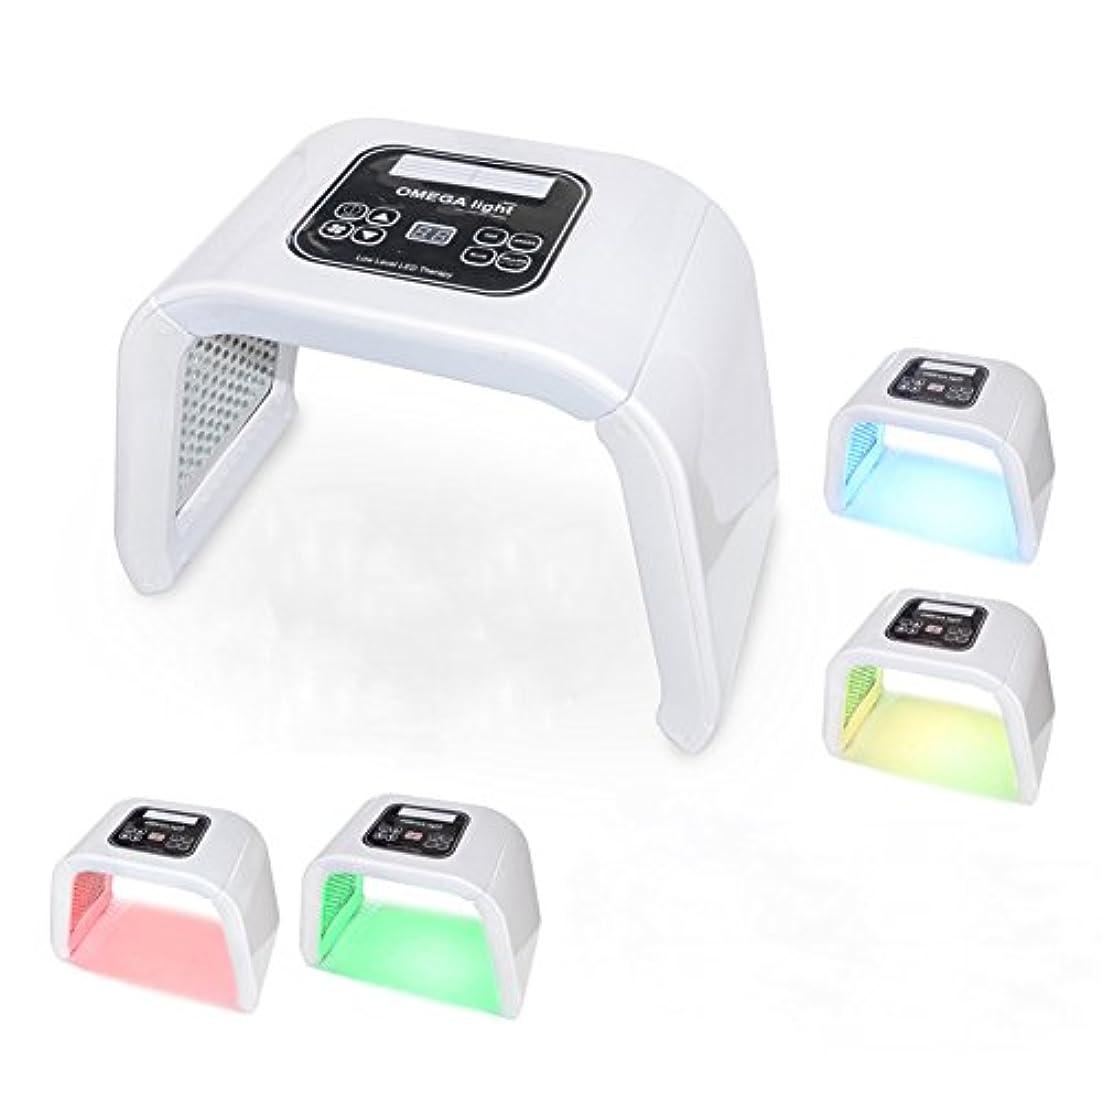 スタジオ敏感な回転にきびの皮の若返りの美装置を白くする光子療法機械LED 4色,White